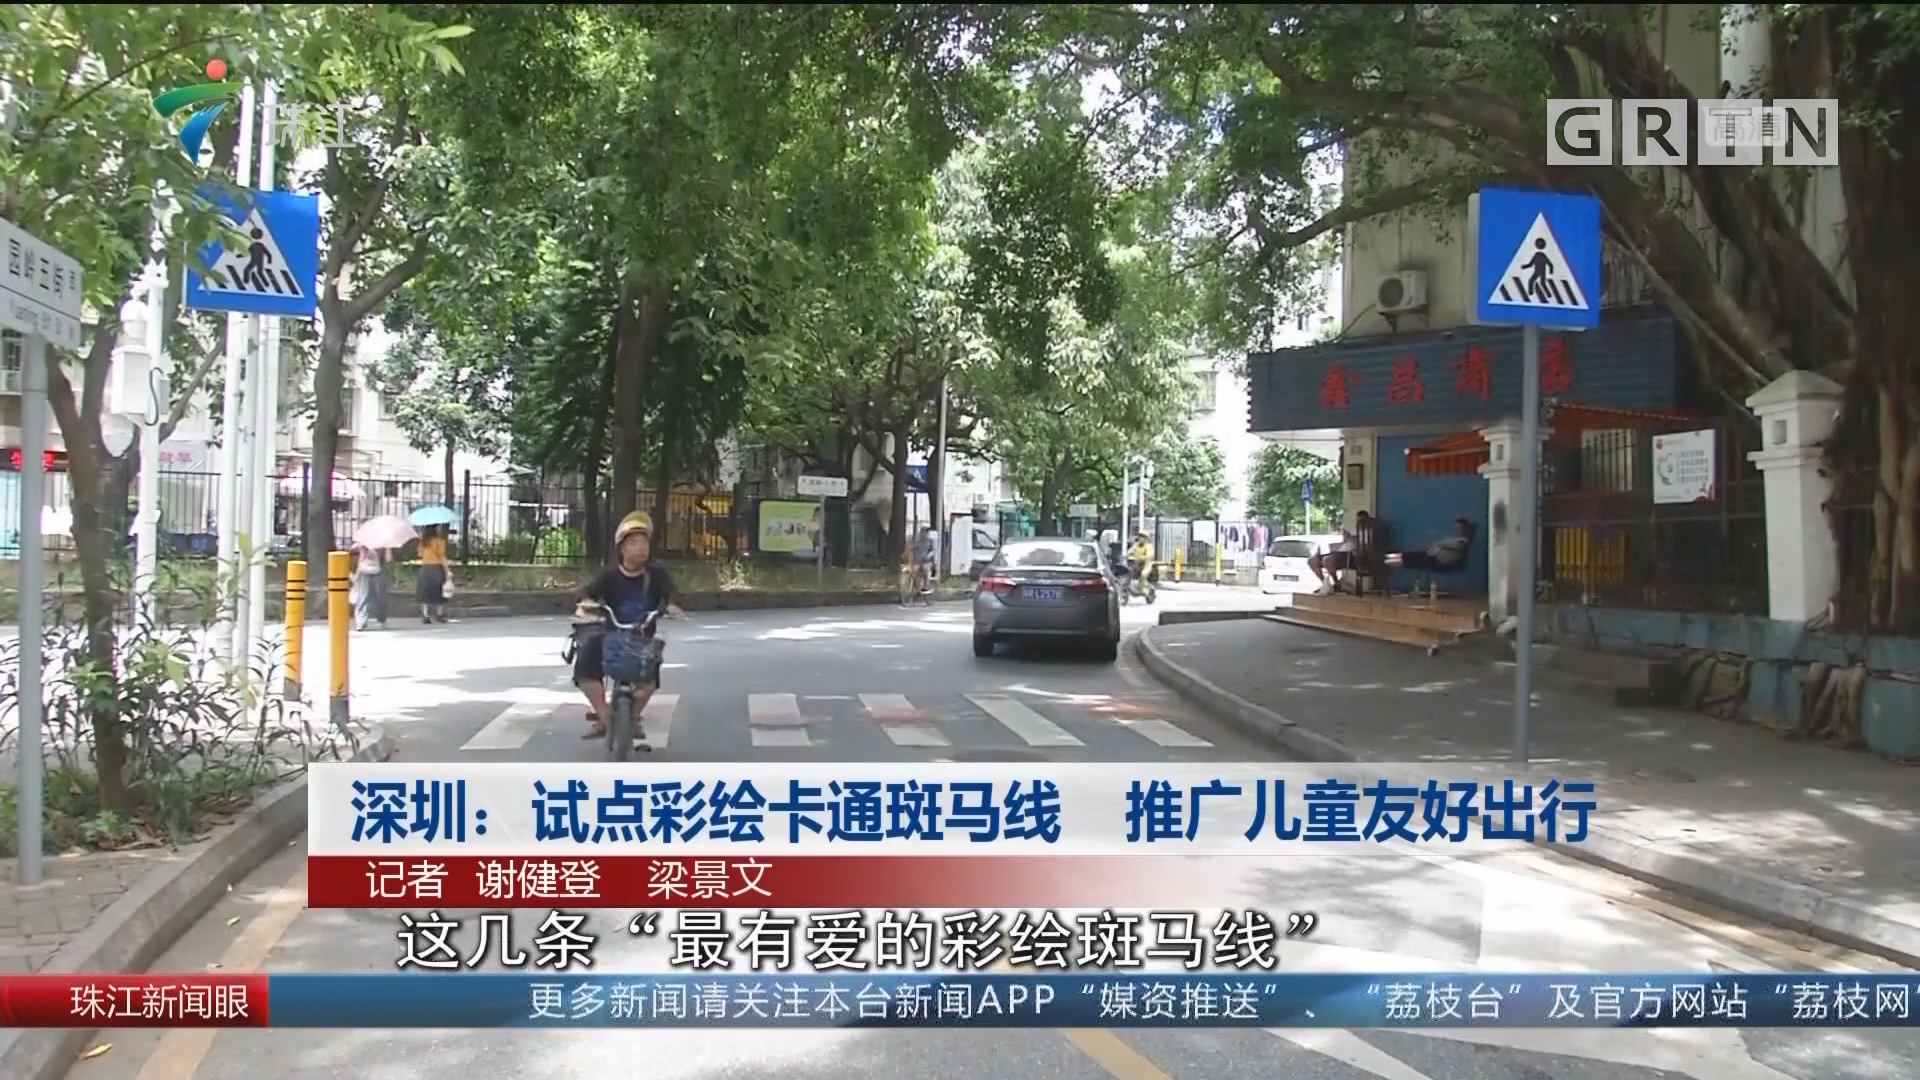 深圳:试点彩绘卡通斑马线 推广儿童友好出行